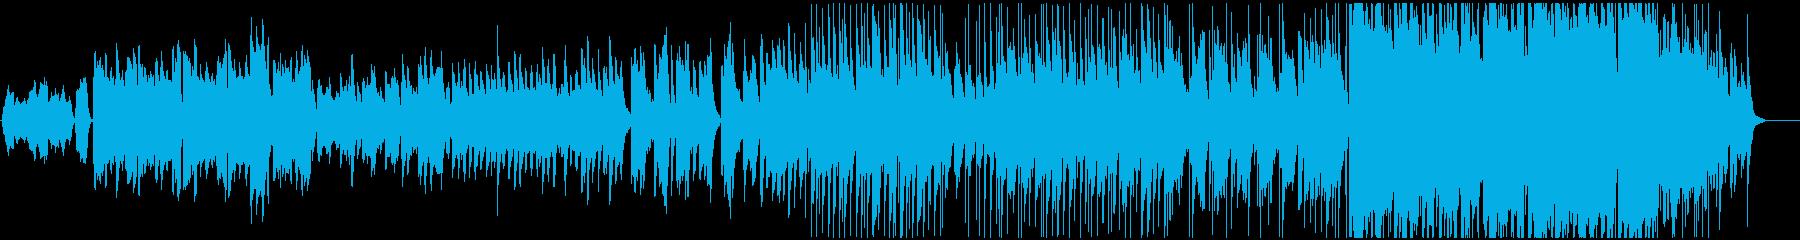 結婚式のクライマックをイメージしたBGMの再生済みの波形